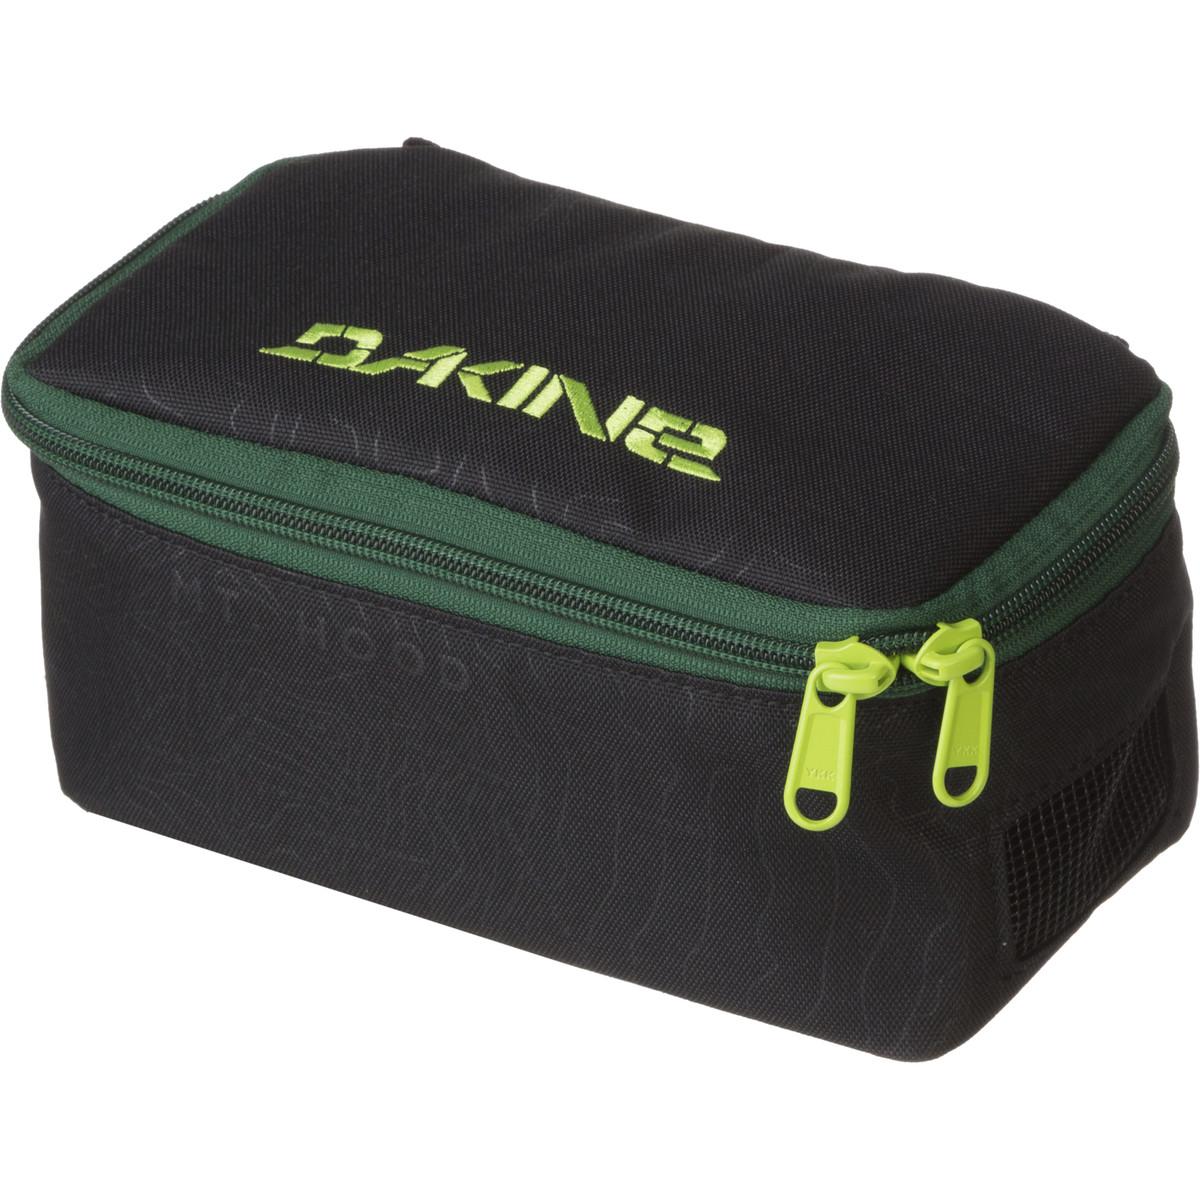 DaKine Goggle Case